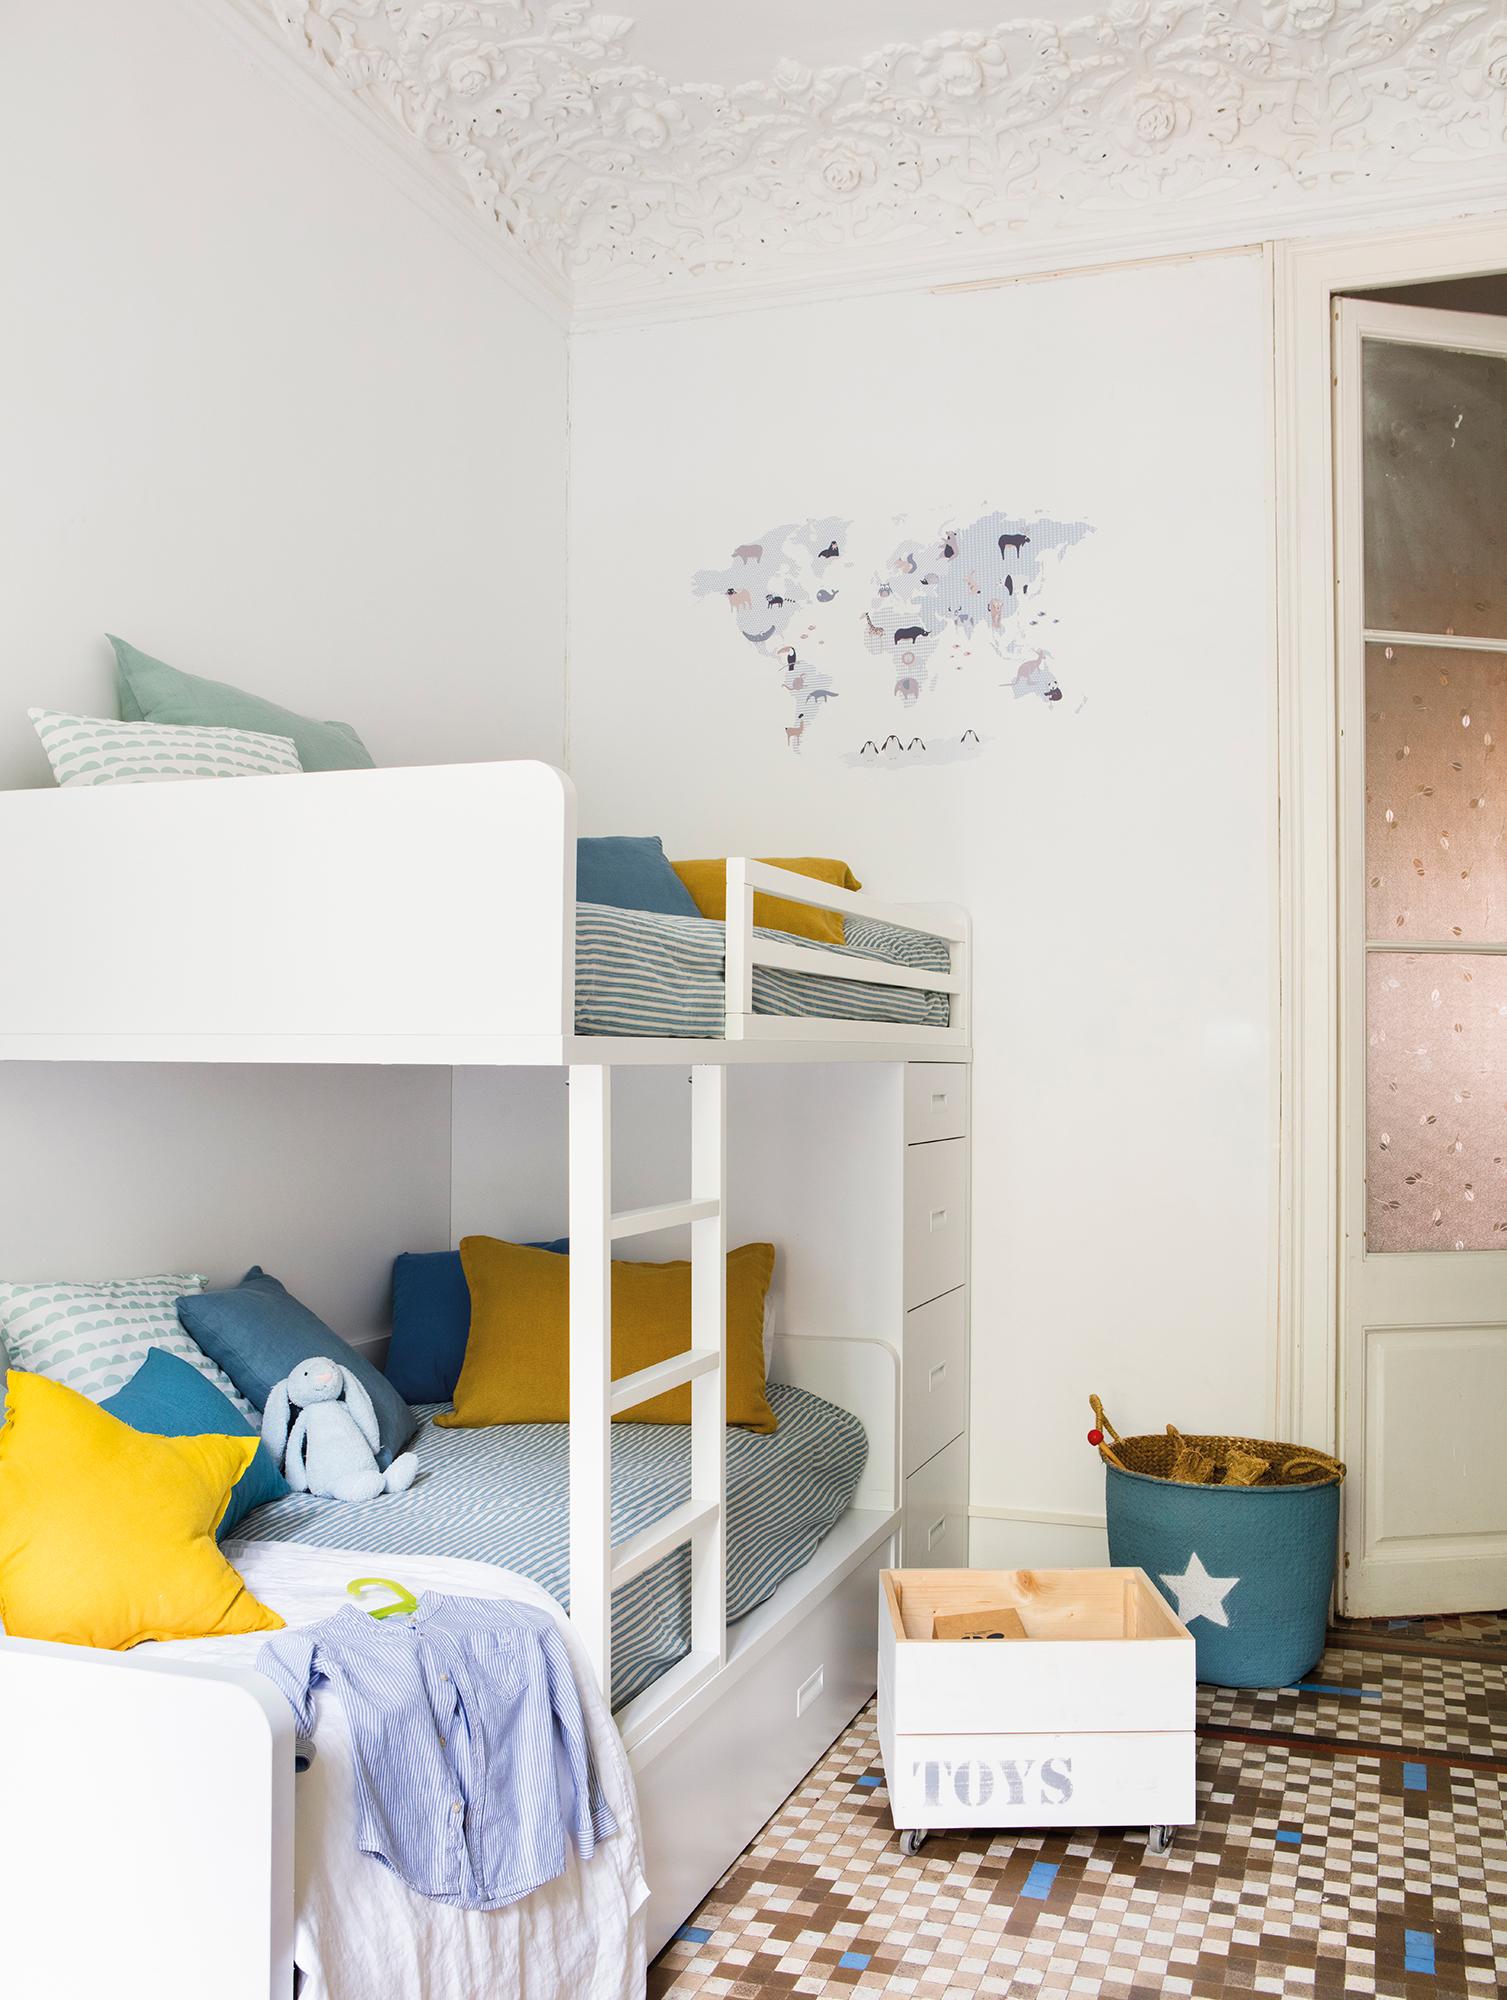 00461995b. Habitación infantil en blanco en finca regia con literas_00461995